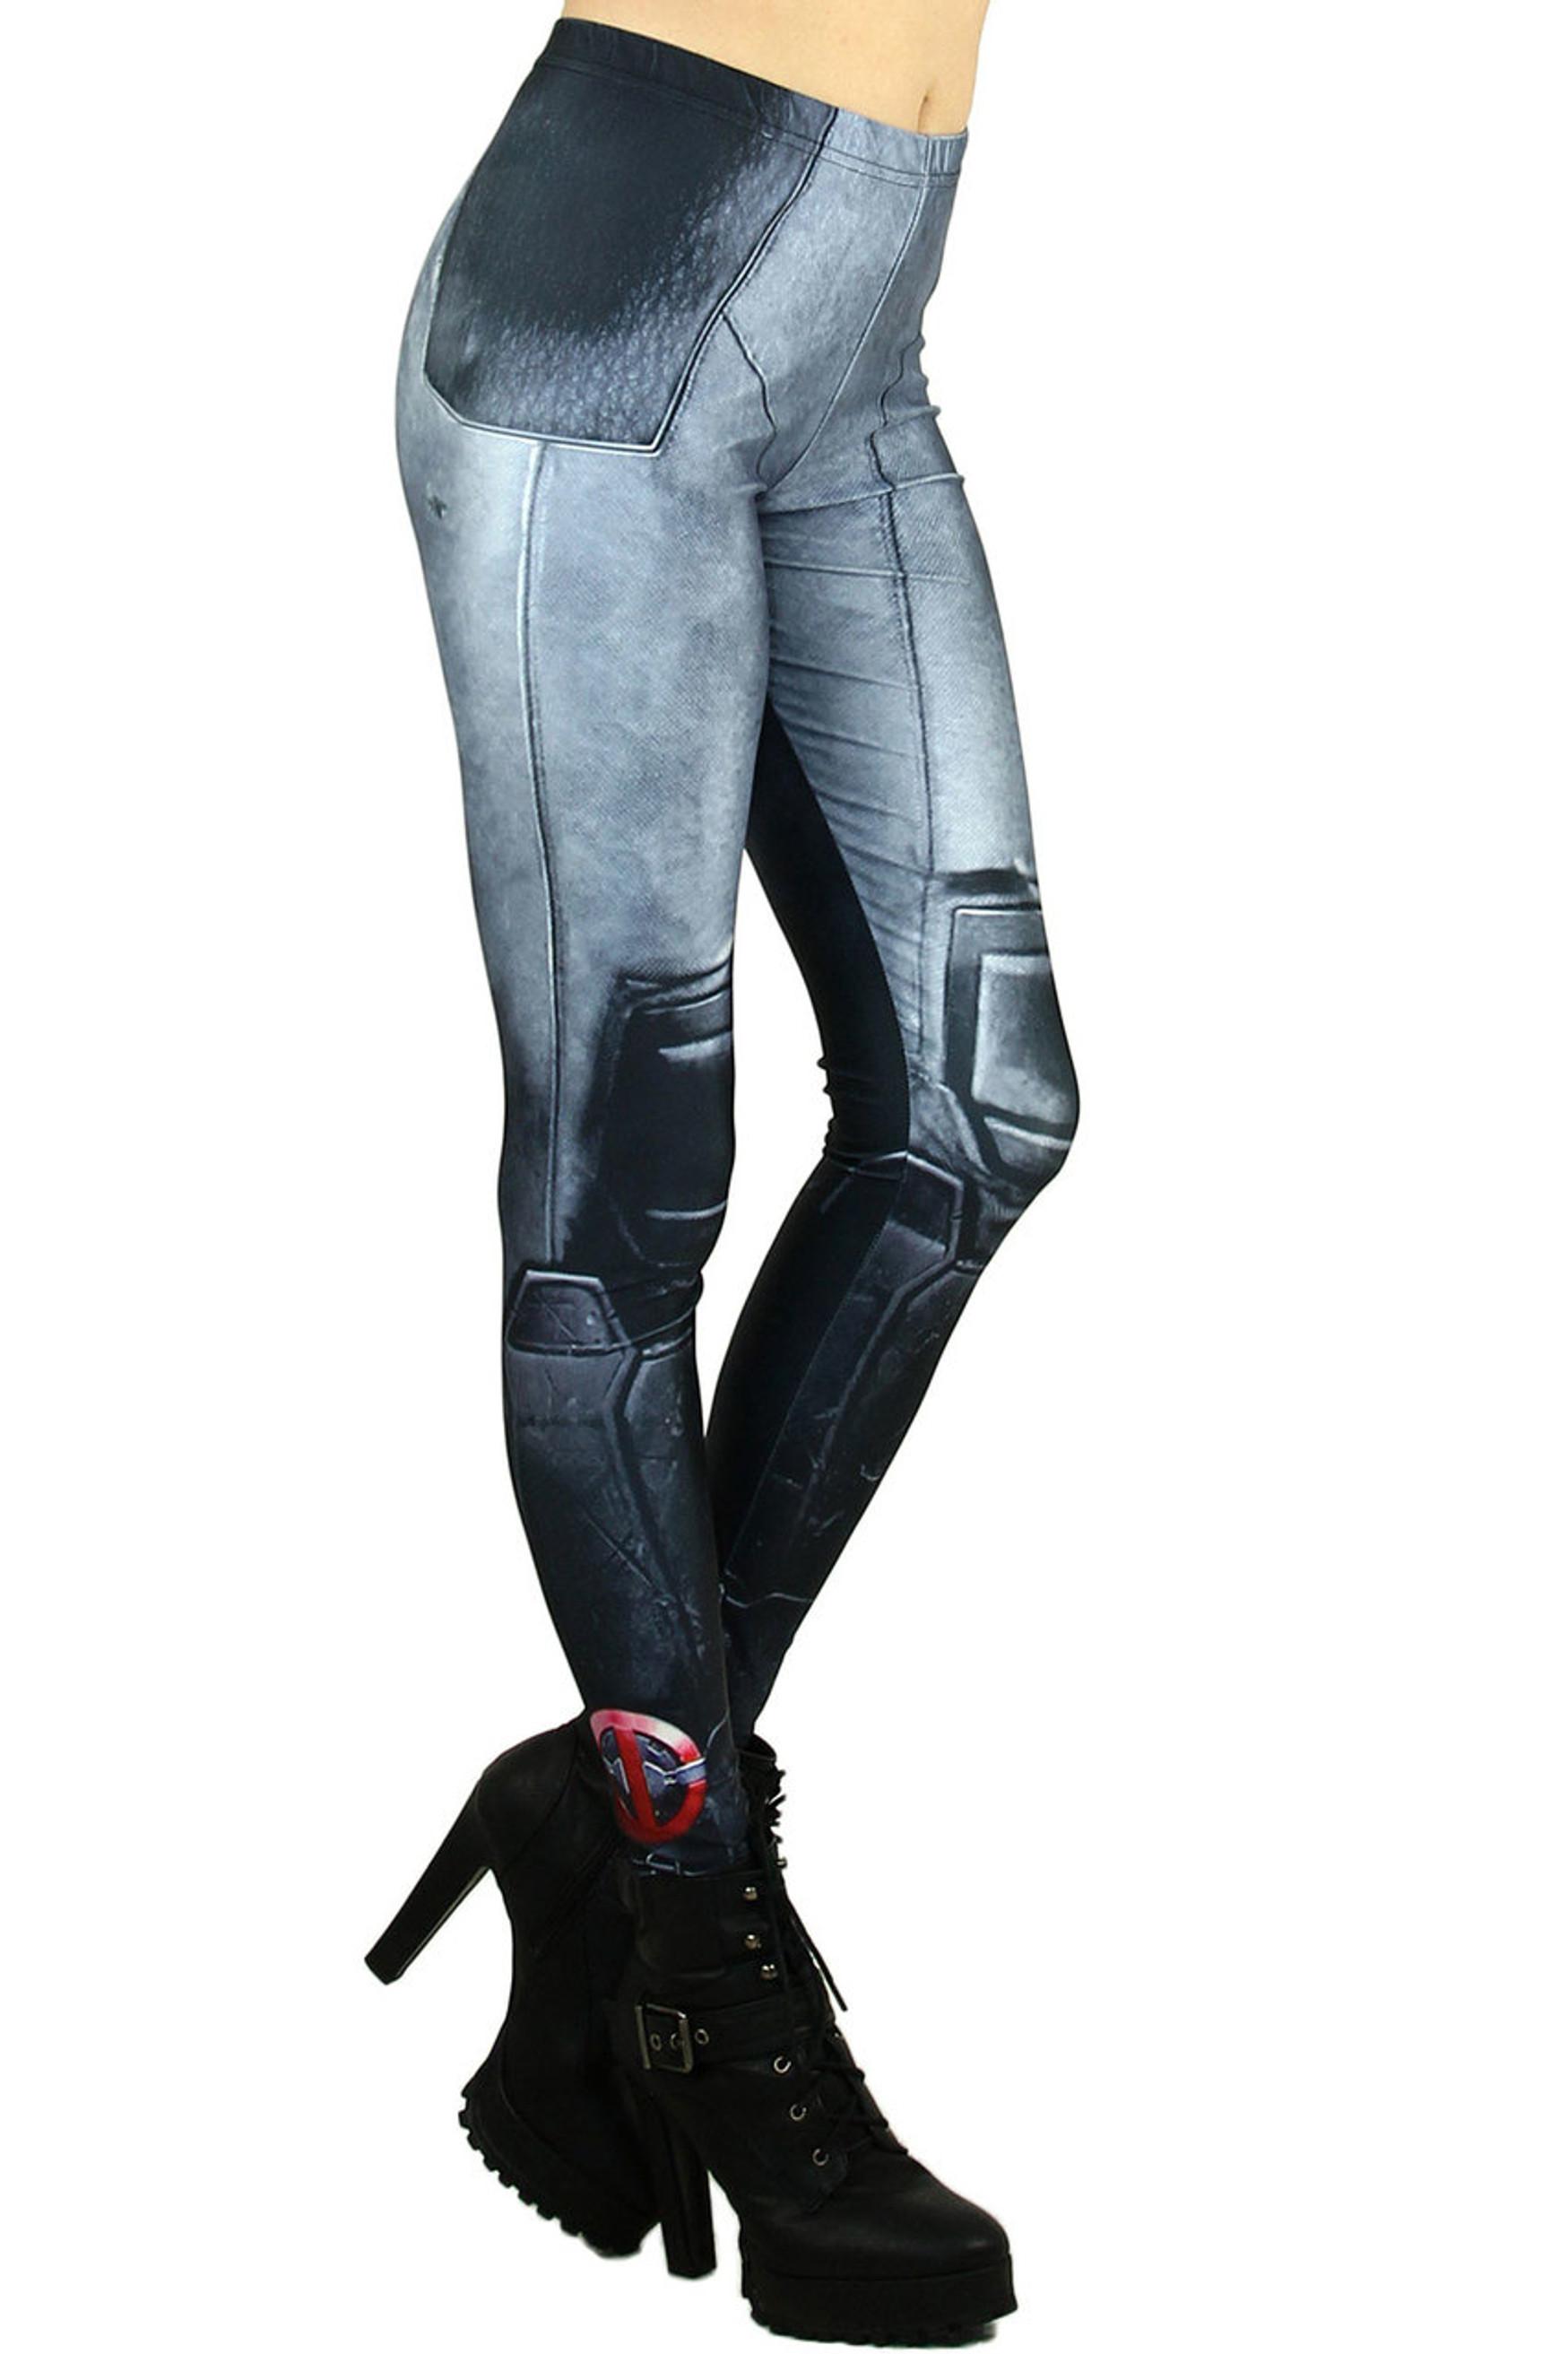 Sexy Leg Armor Leggings